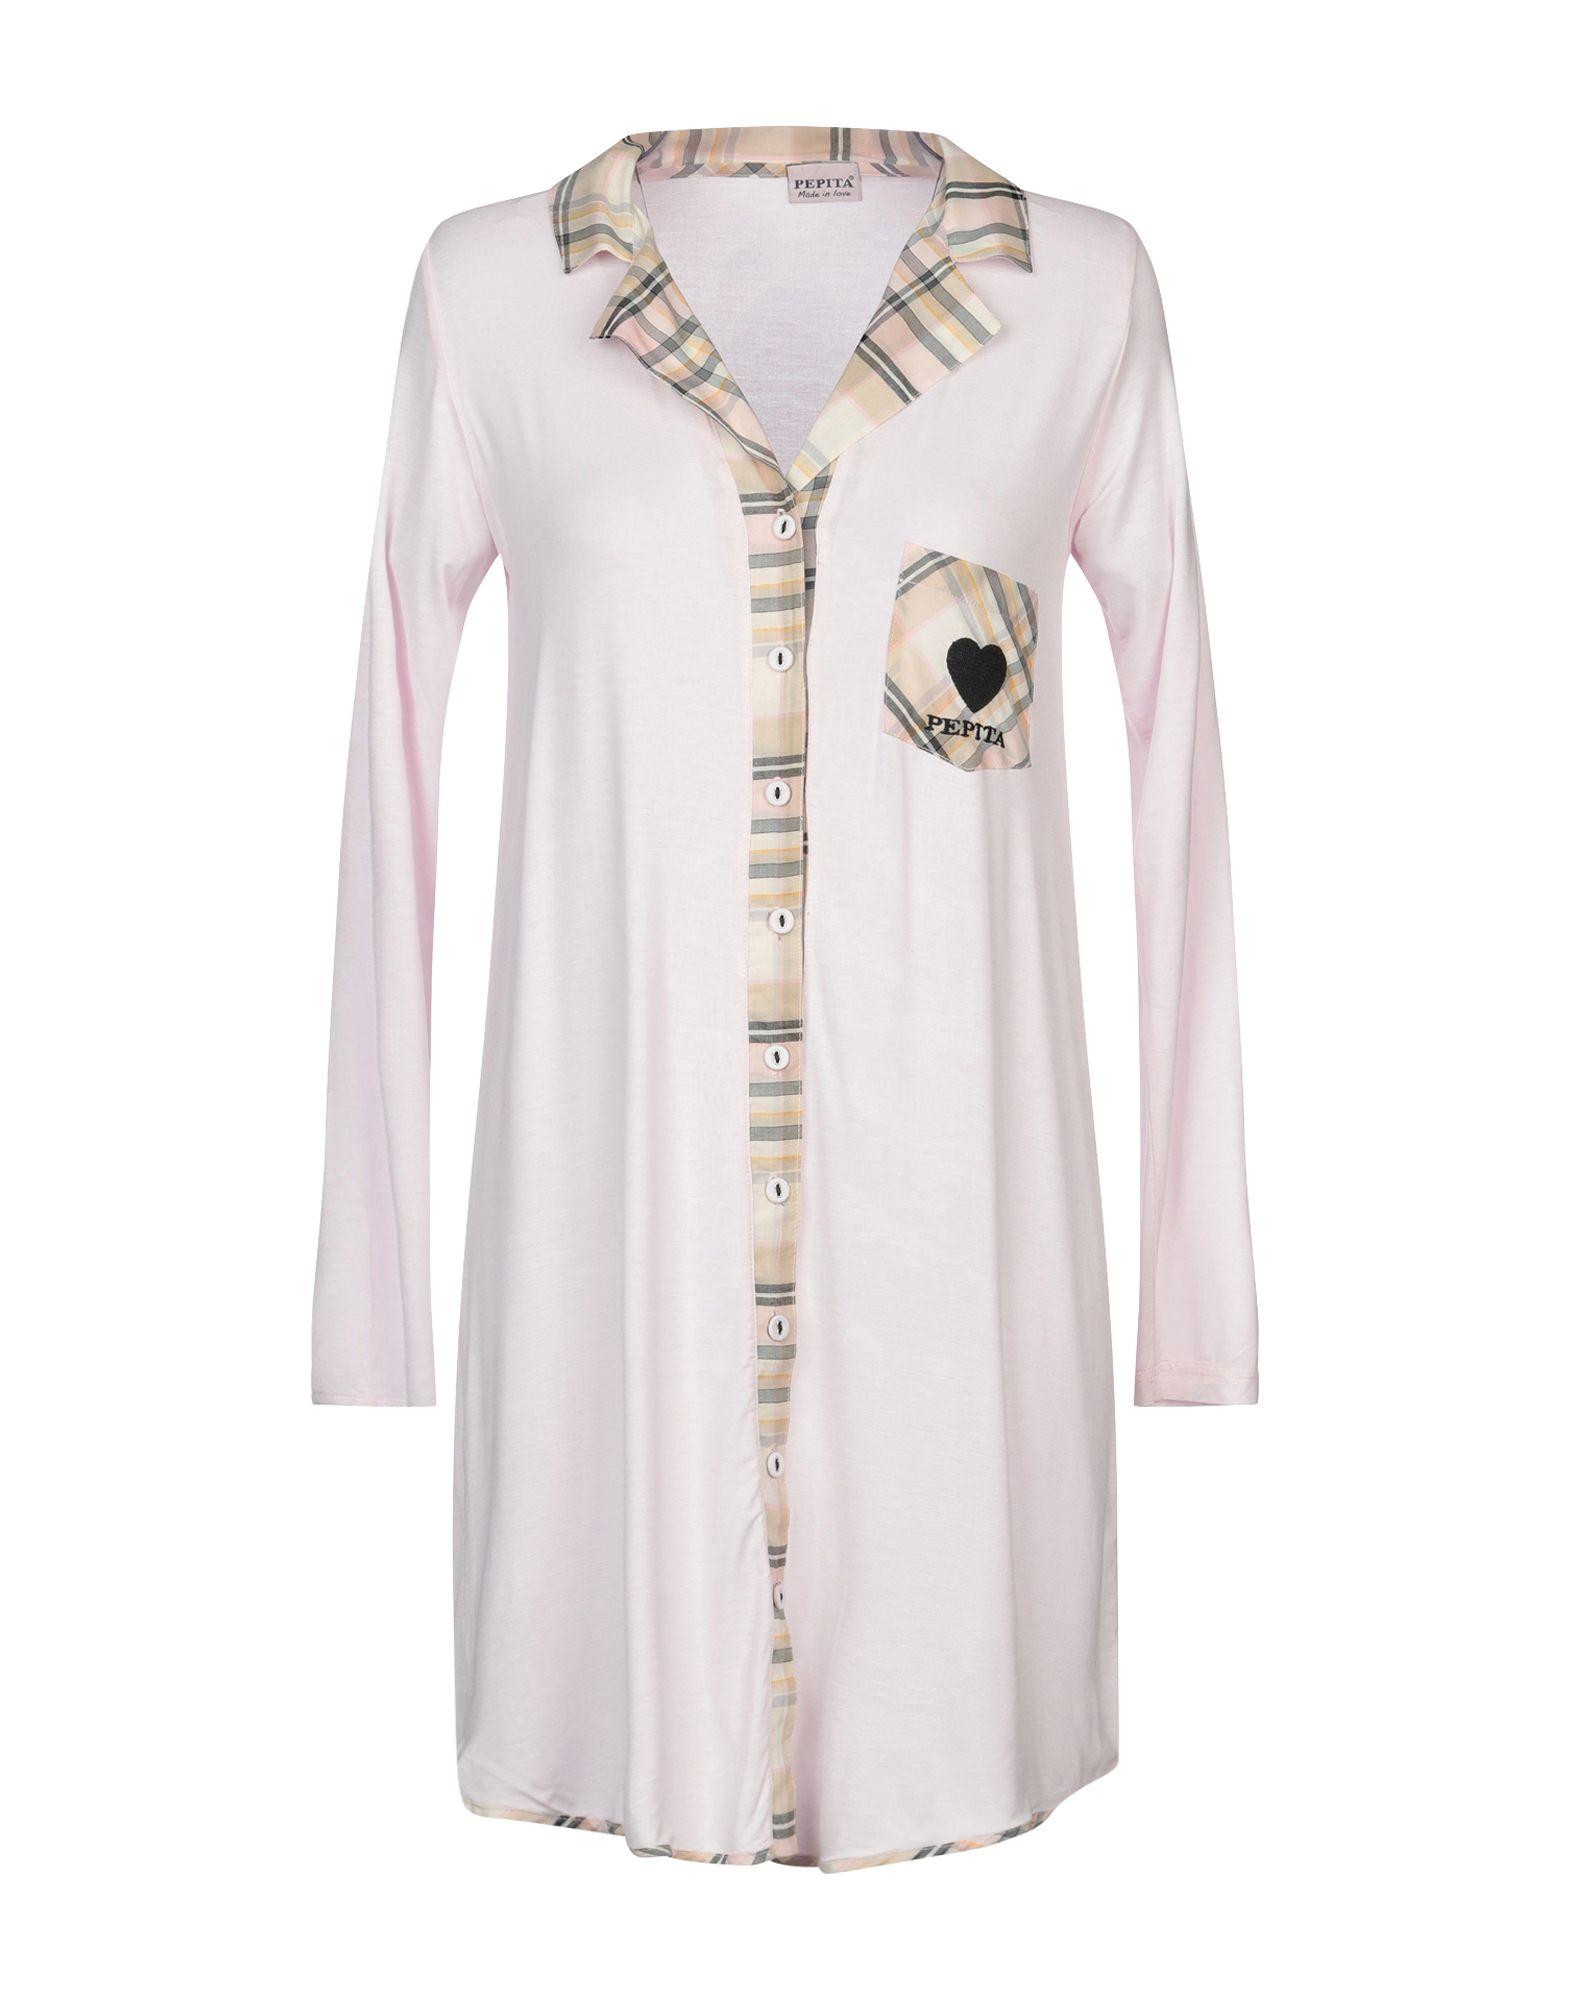 PEPITA Ночная рубашка ночная рубашка с кружевом olala